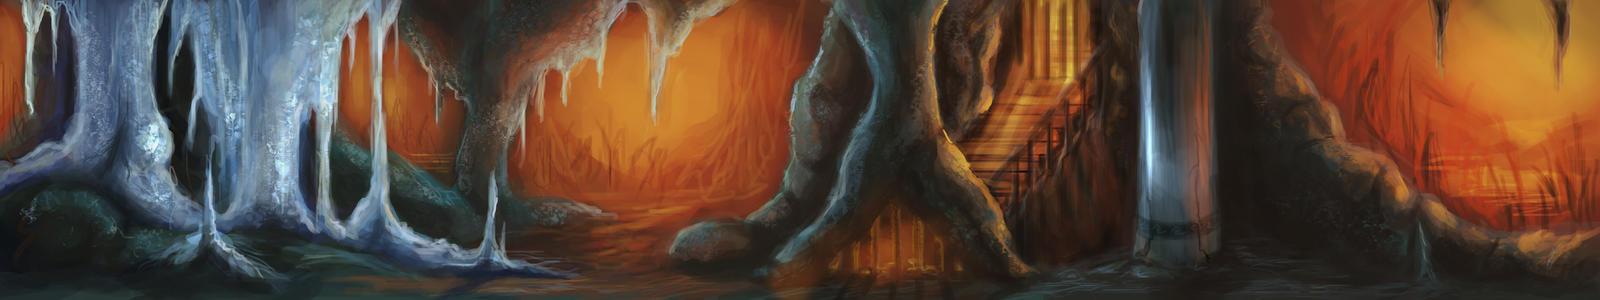 Underground Cavern by calthyechild